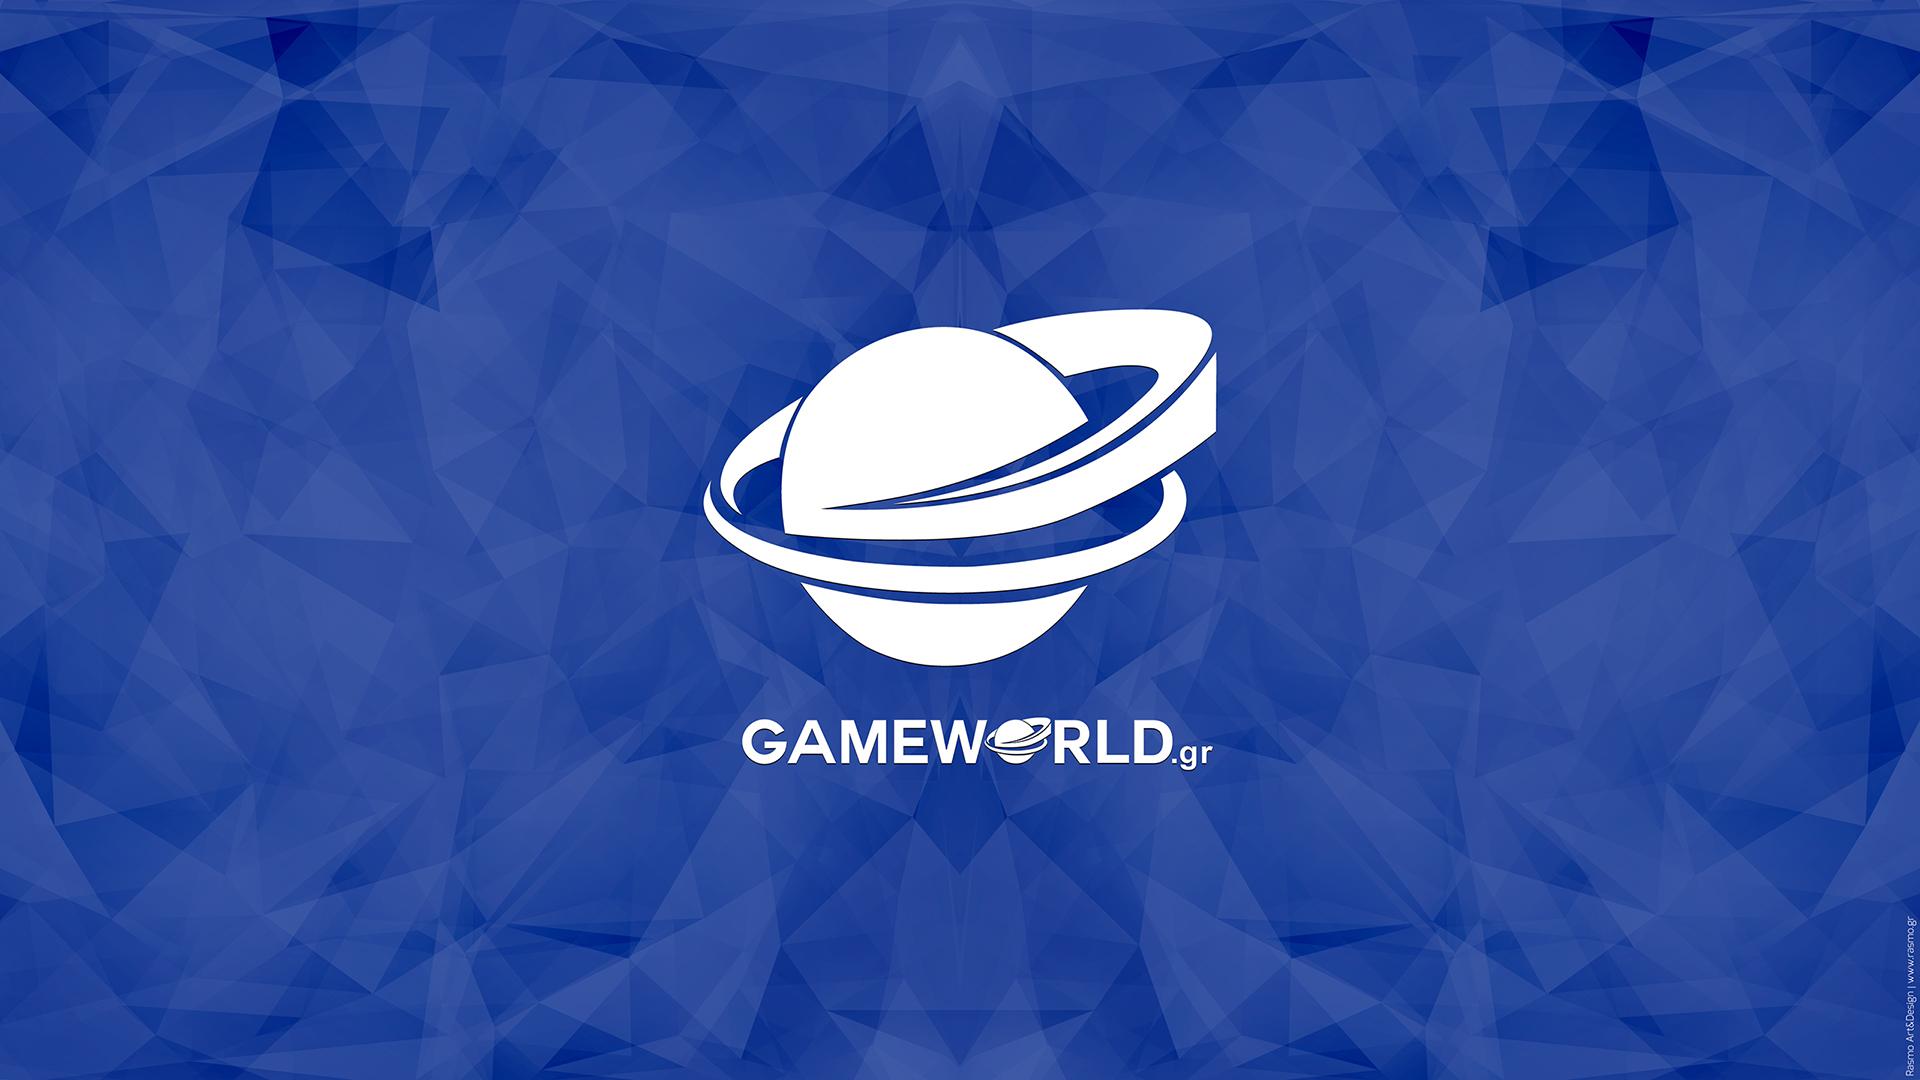 gameworld-1920x1080.jpg